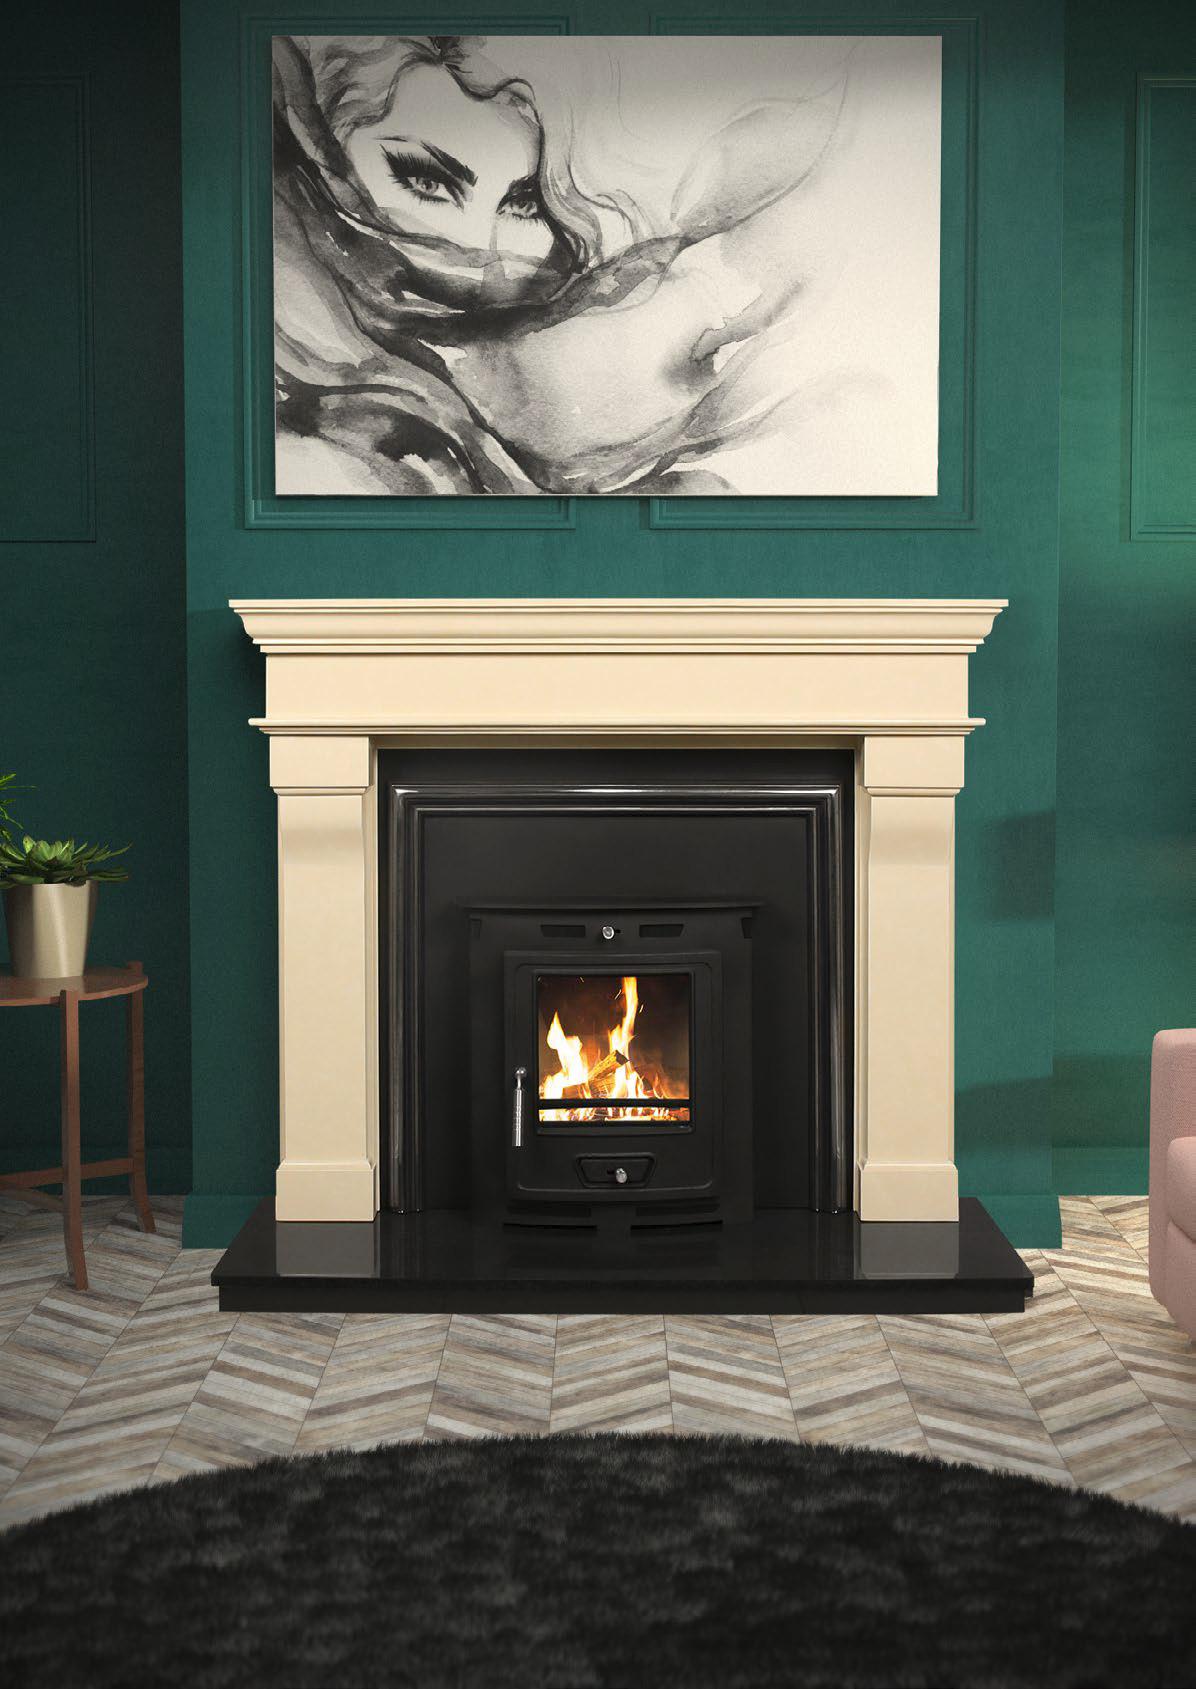 Gms Bordeaux Flames Amp Fireplaces Banbridge Belfast